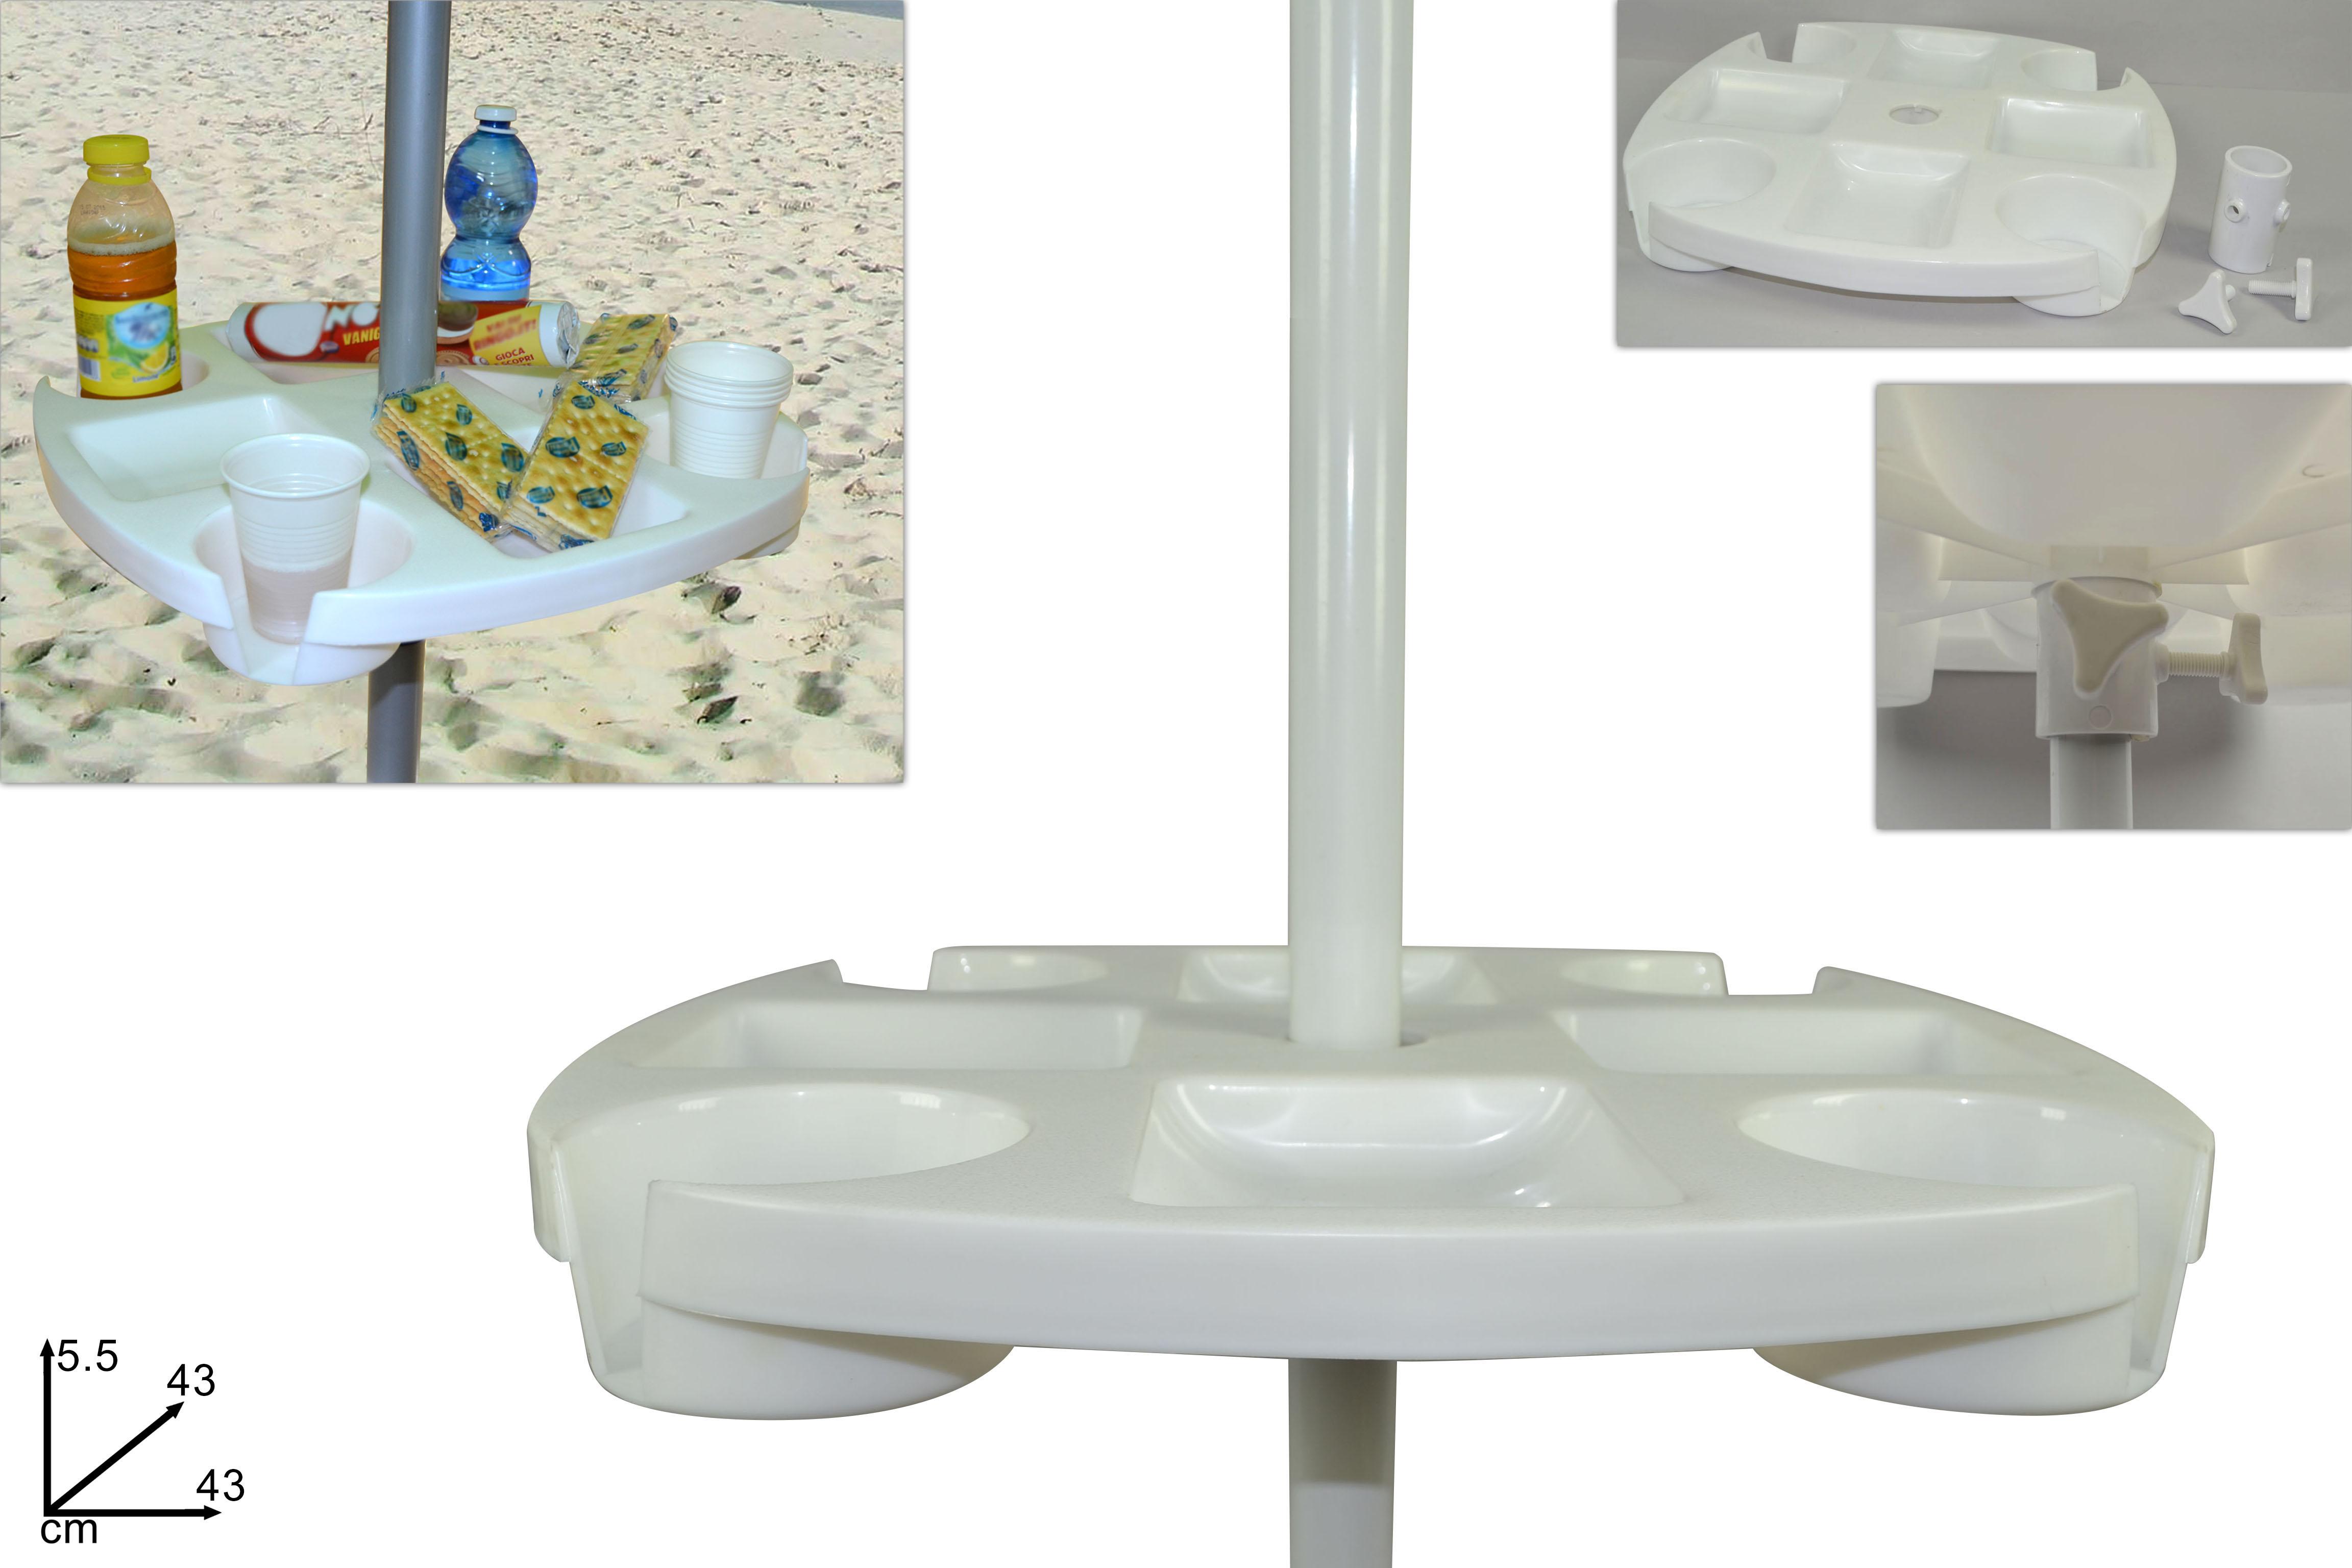 Tavolino porta bevande per ombrellone 43 cm bianco c14 ebay - Porta ombrellone ...